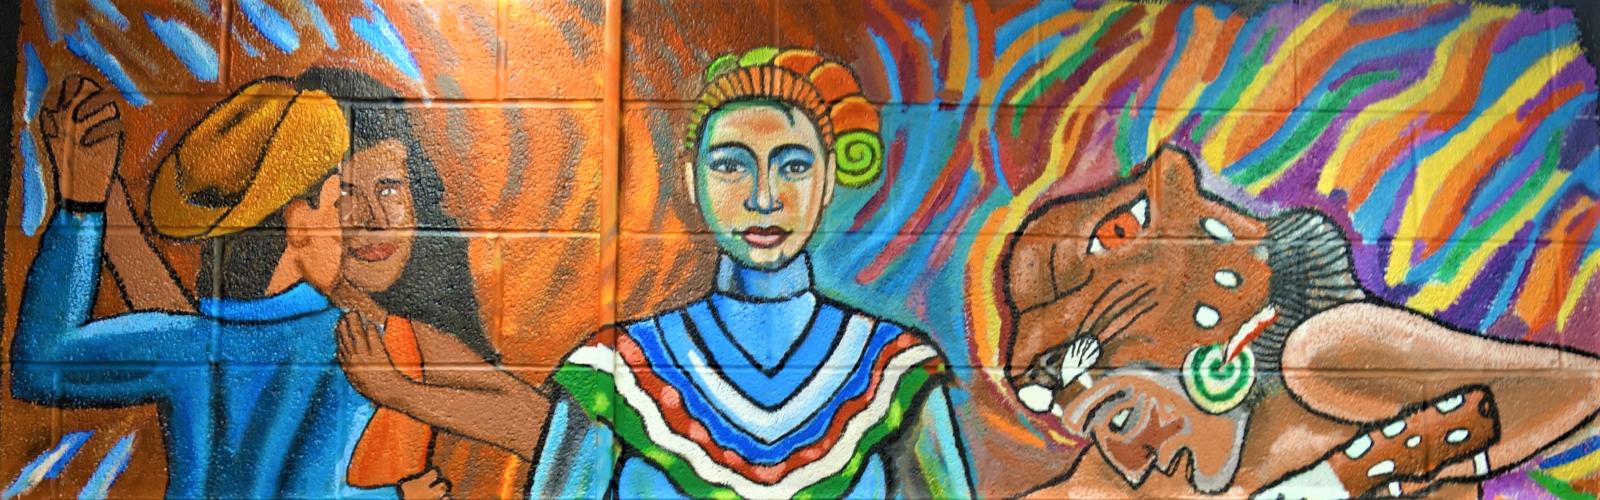 Ingraham 338 North Wall Mural